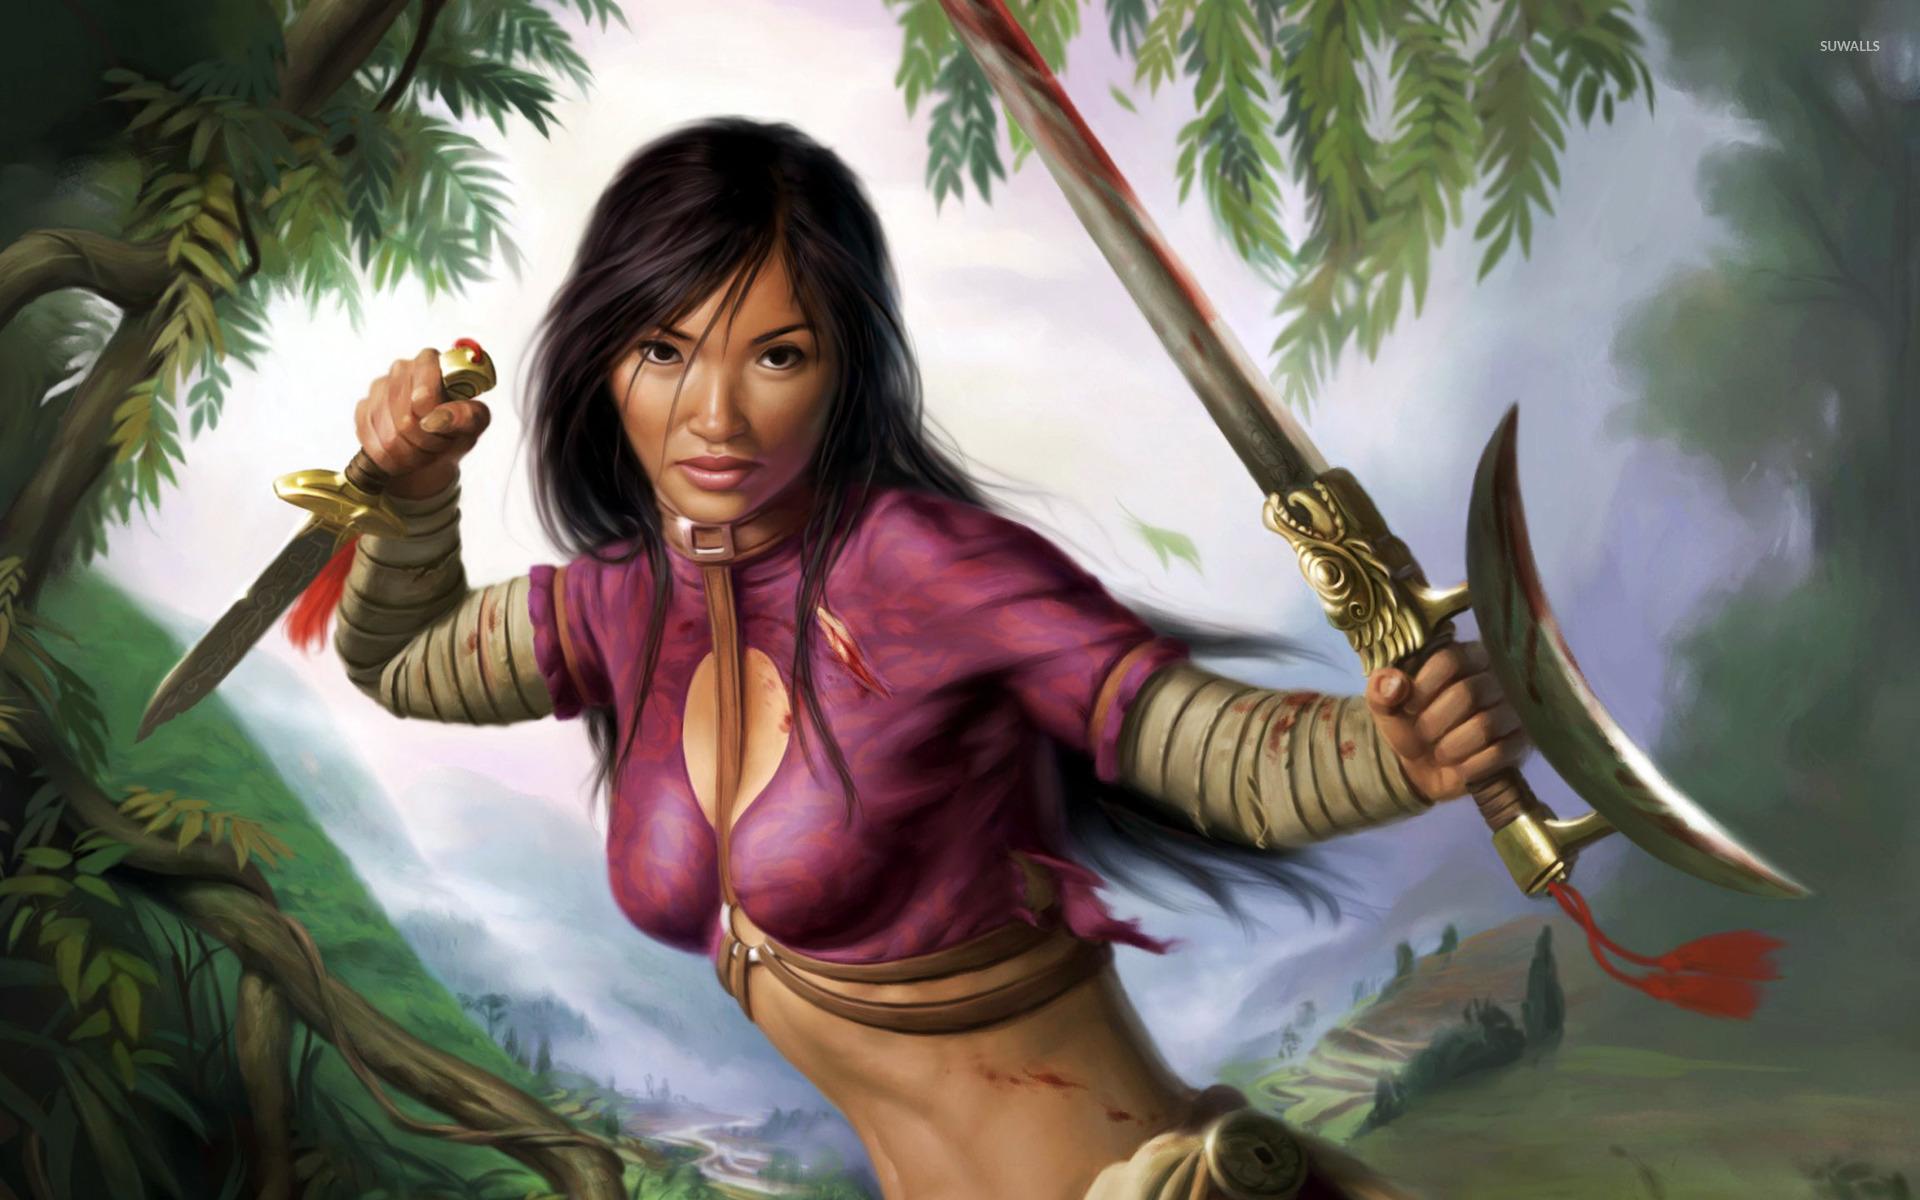 Fantasy - Samurai Wallpaper | Sekina-Tekina Potentials | Pinterest ...